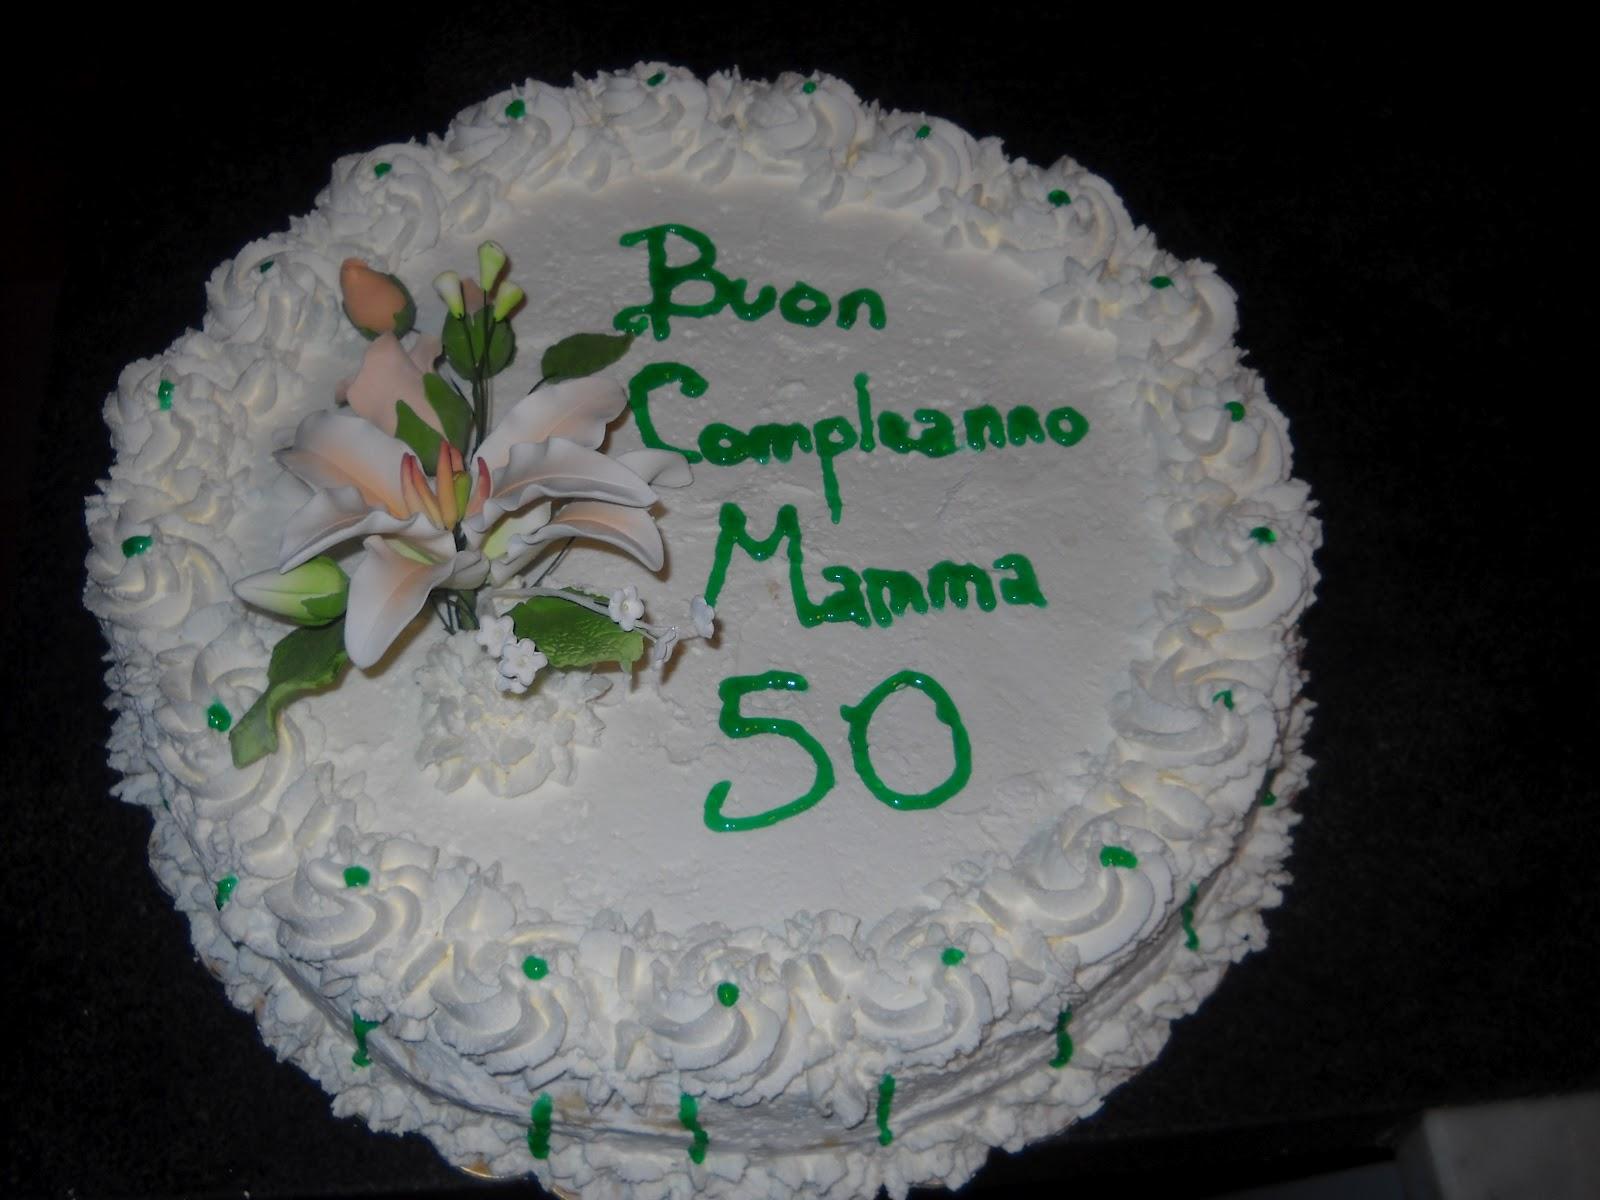 Quando L Appetito C è Torte Per I 50 Anni Di Mamma